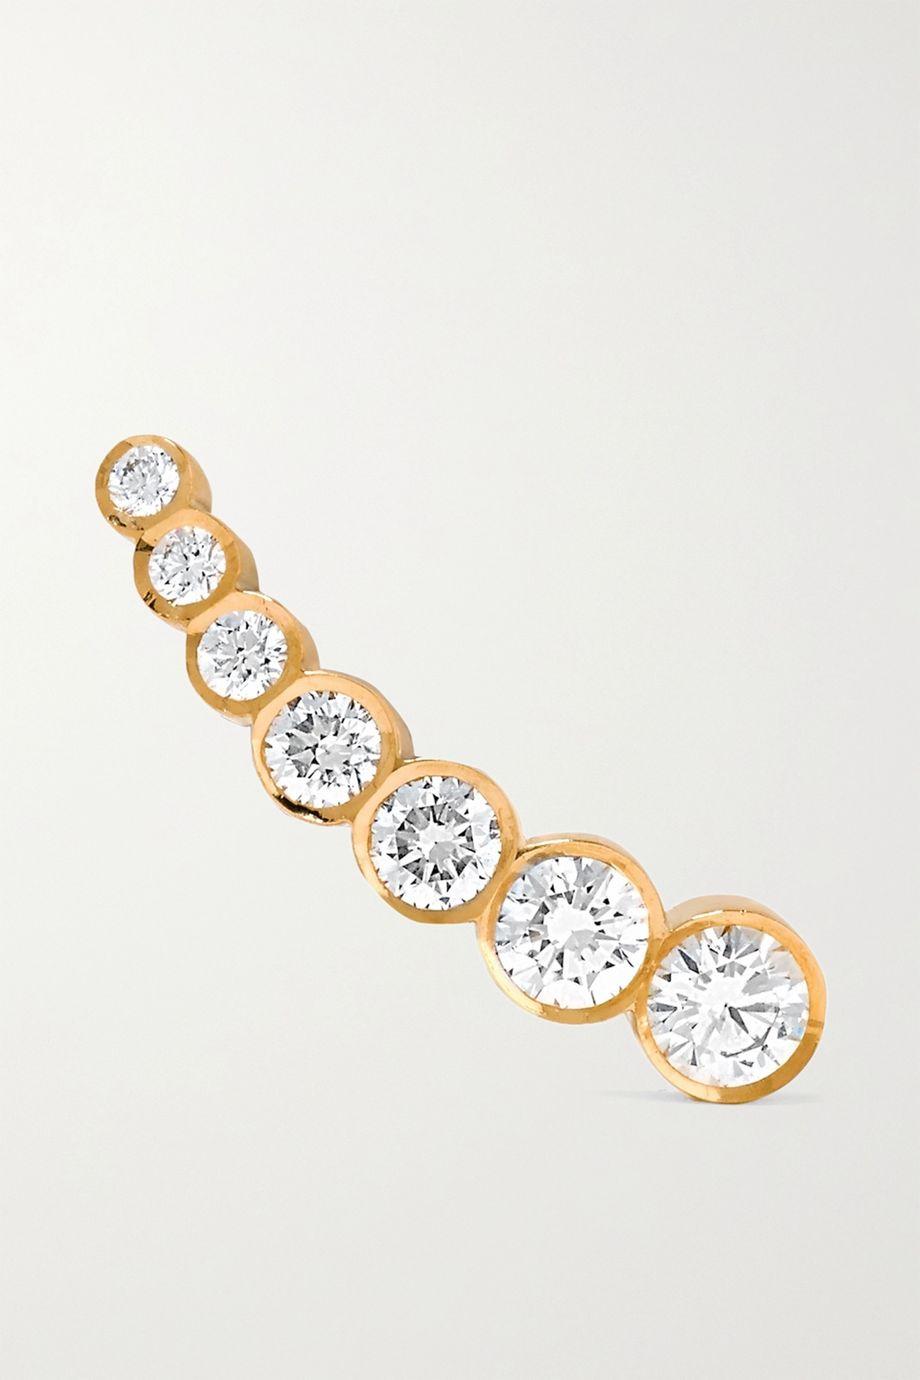 Sophie Bille Brahe Petite Croissant de Lune 18K 白金钻石单只耳钉